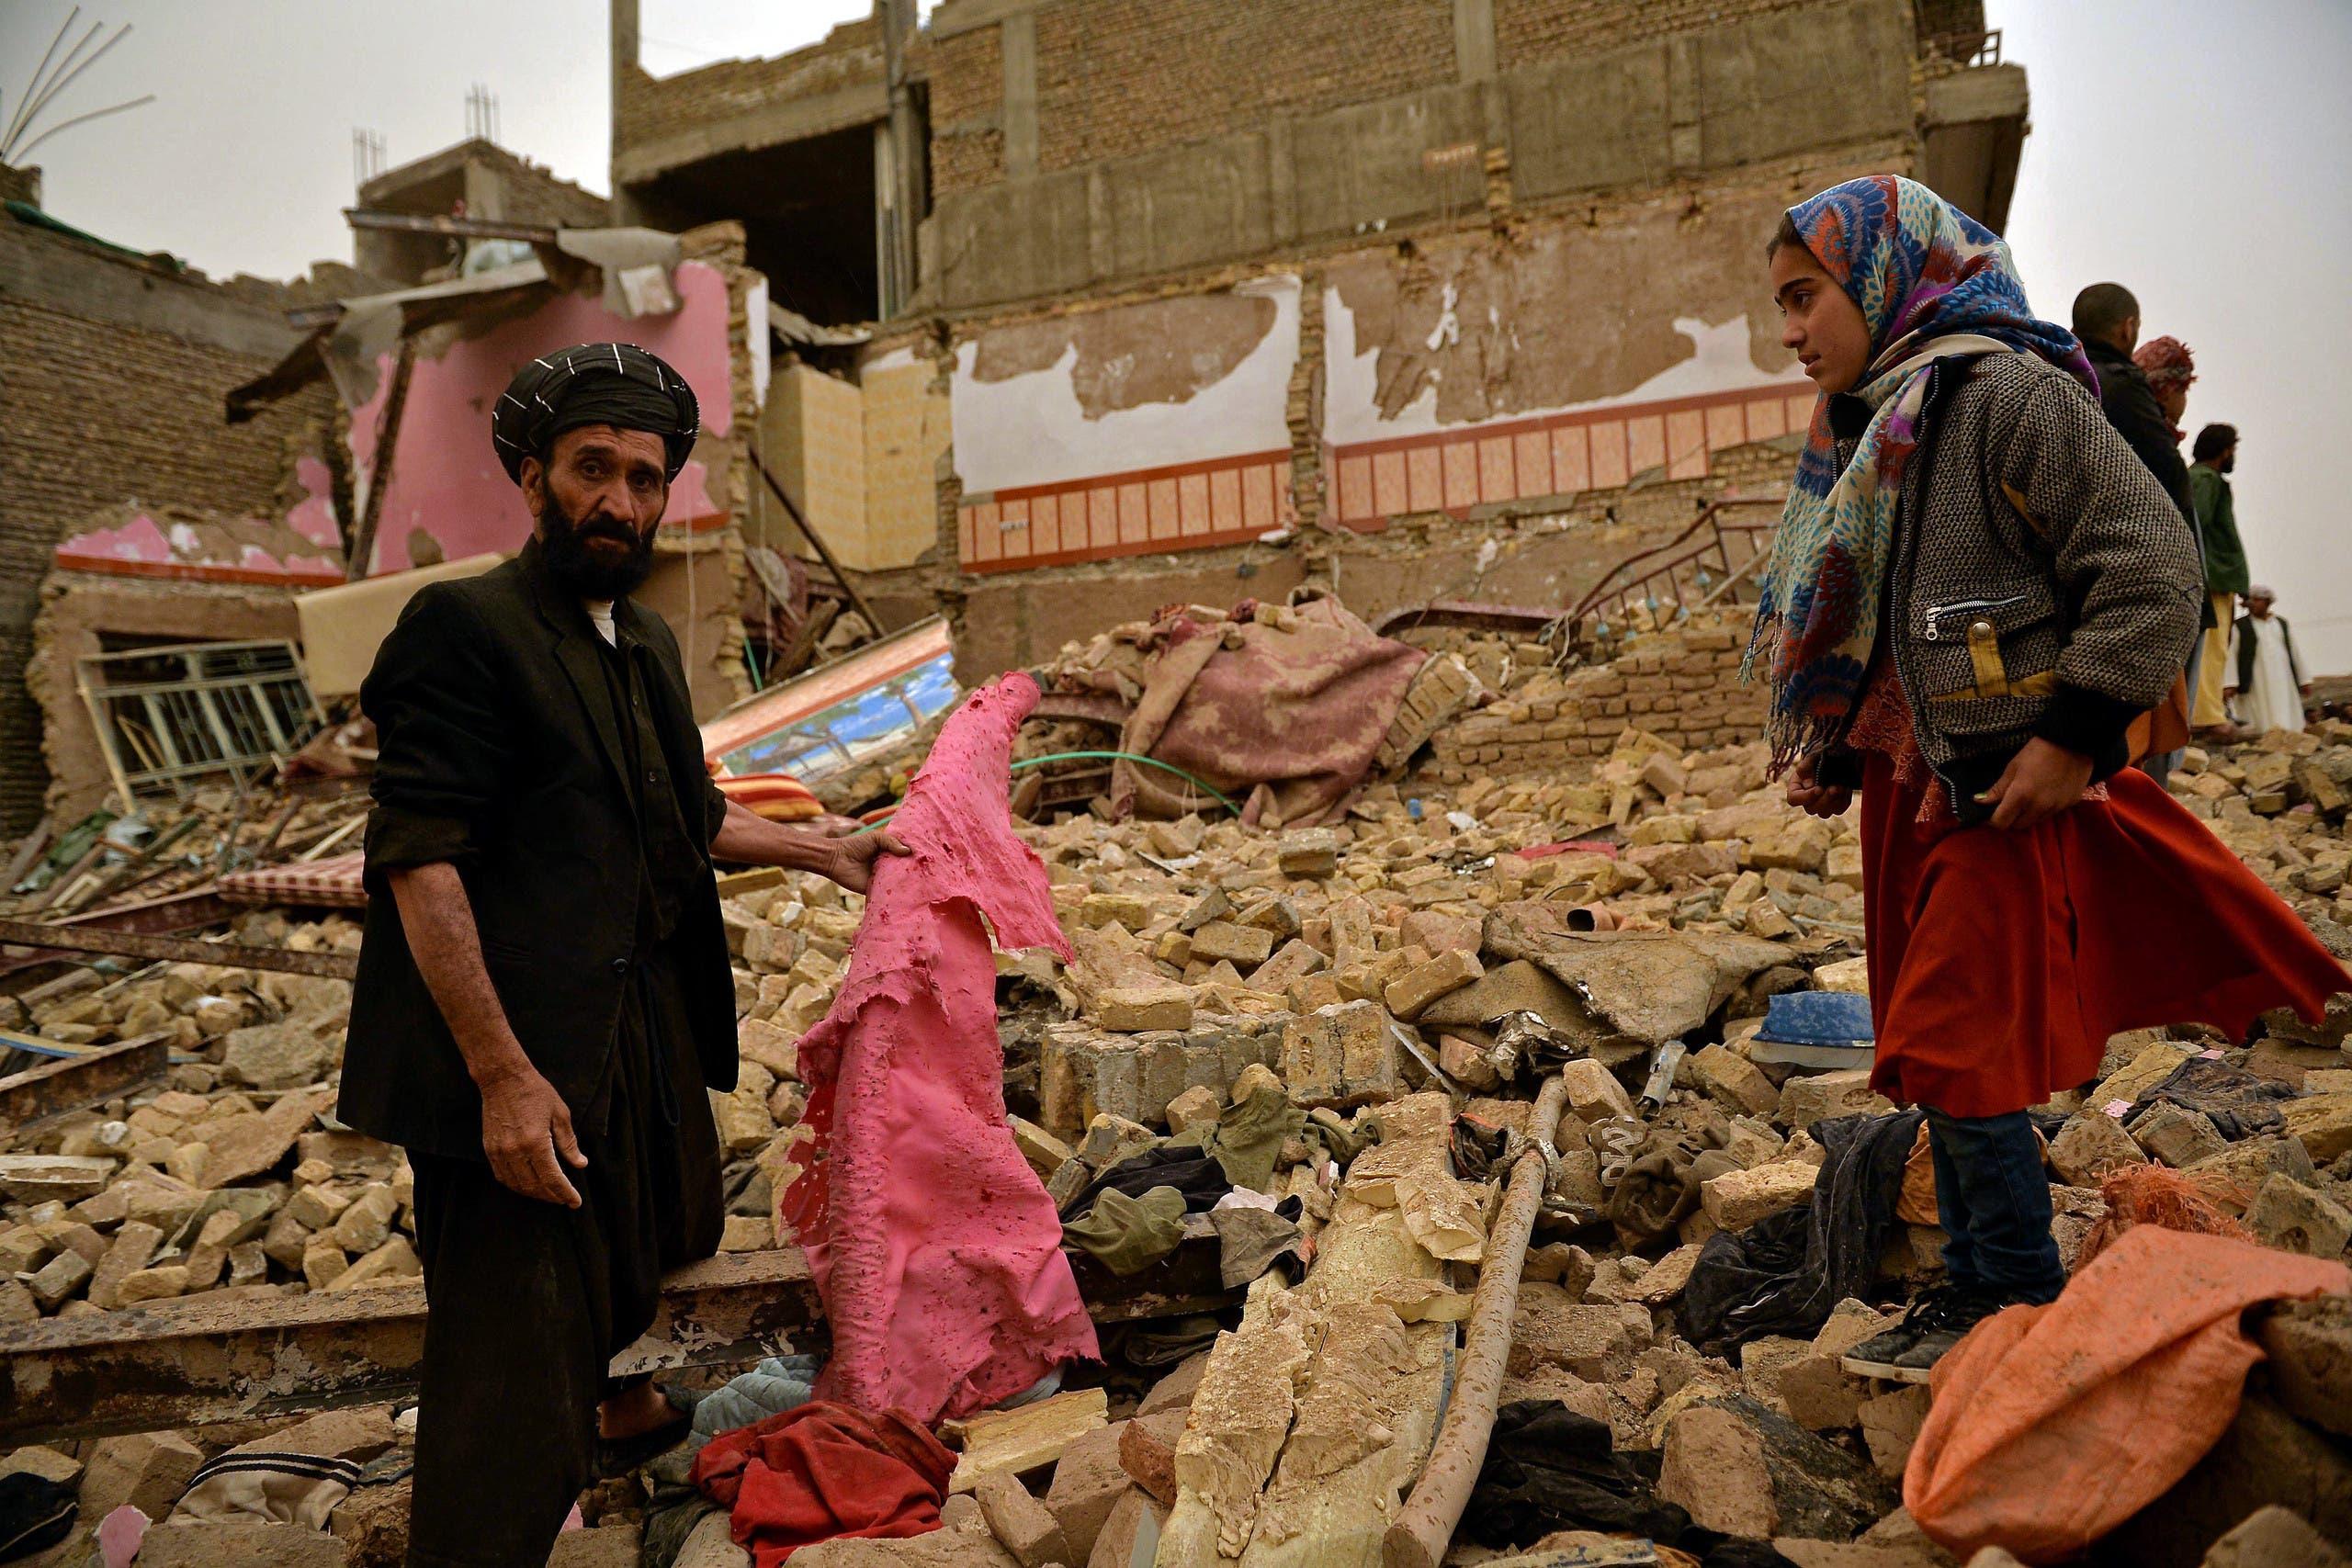 سكان يتفقدون الدمار الذي لحق بمنازلهم بسبب الانفجار